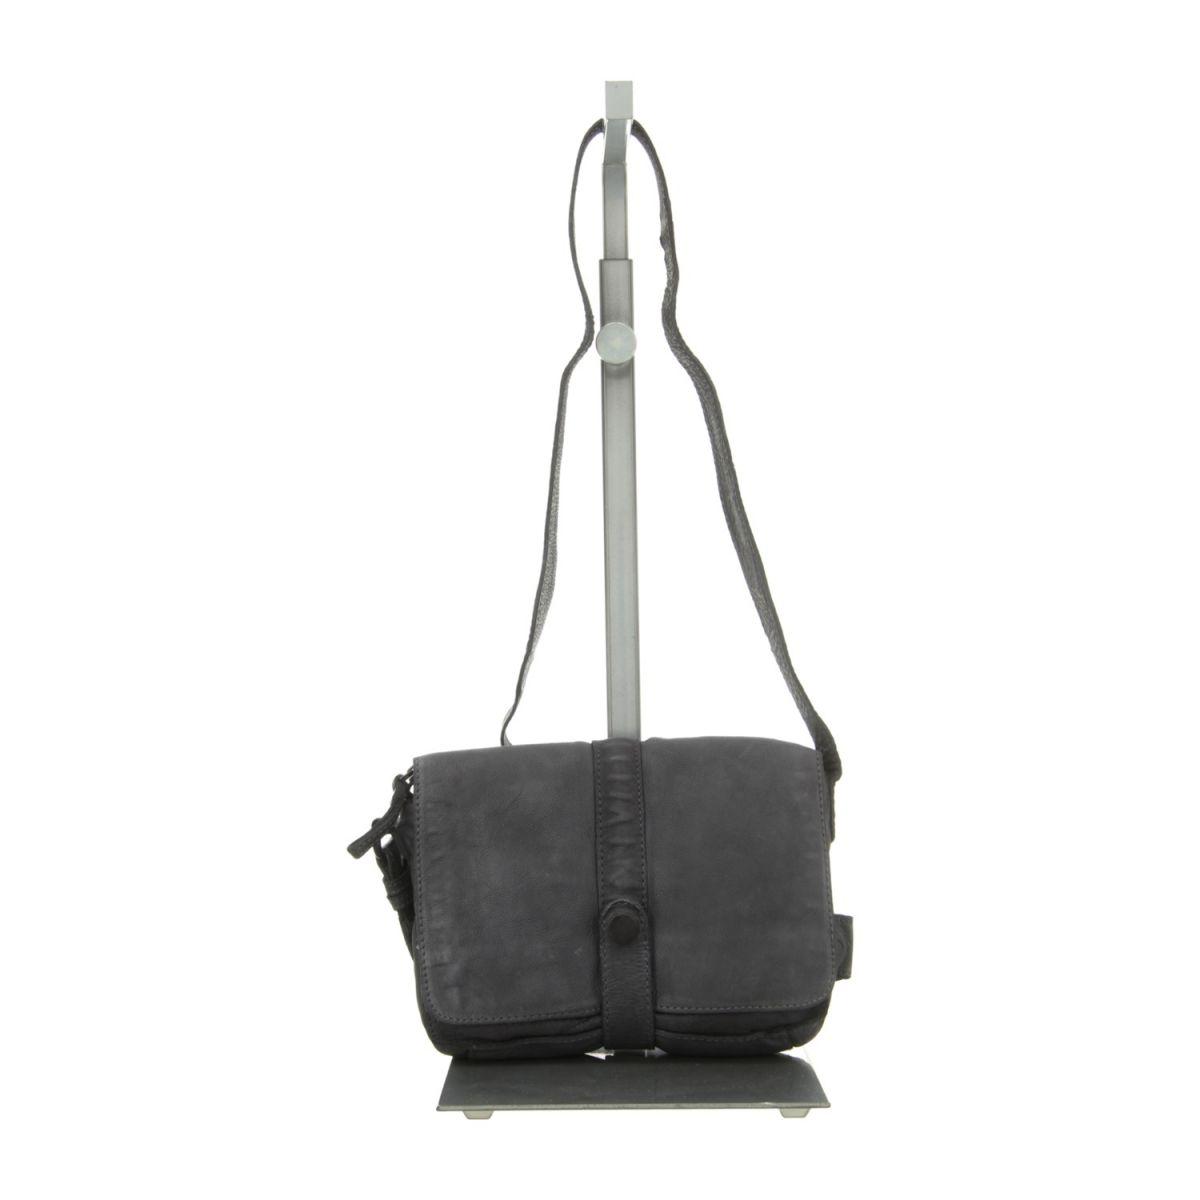 NEU: Voi Leather Design Handtaschen Überschlagtasche - 21072 SZ - schwarz -